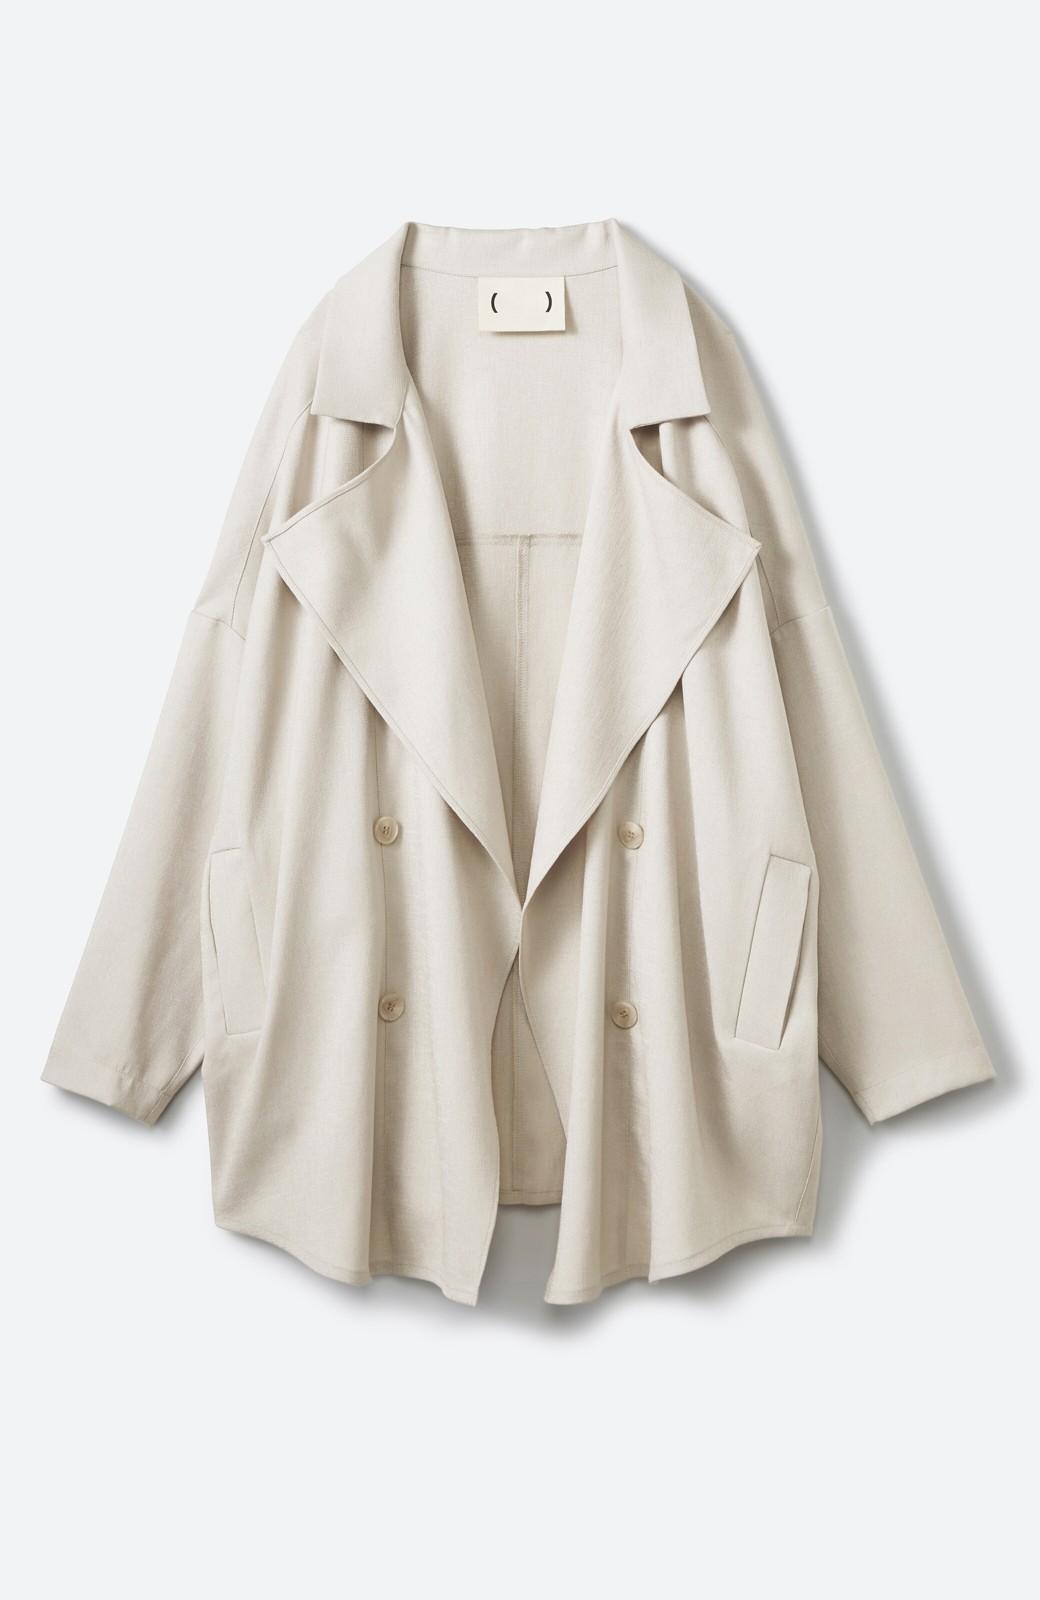 haco! いつものスタイルに羽織るだけで今気分が叶う 麻調トレンチジャケット <ライトベージュ>の商品写真1